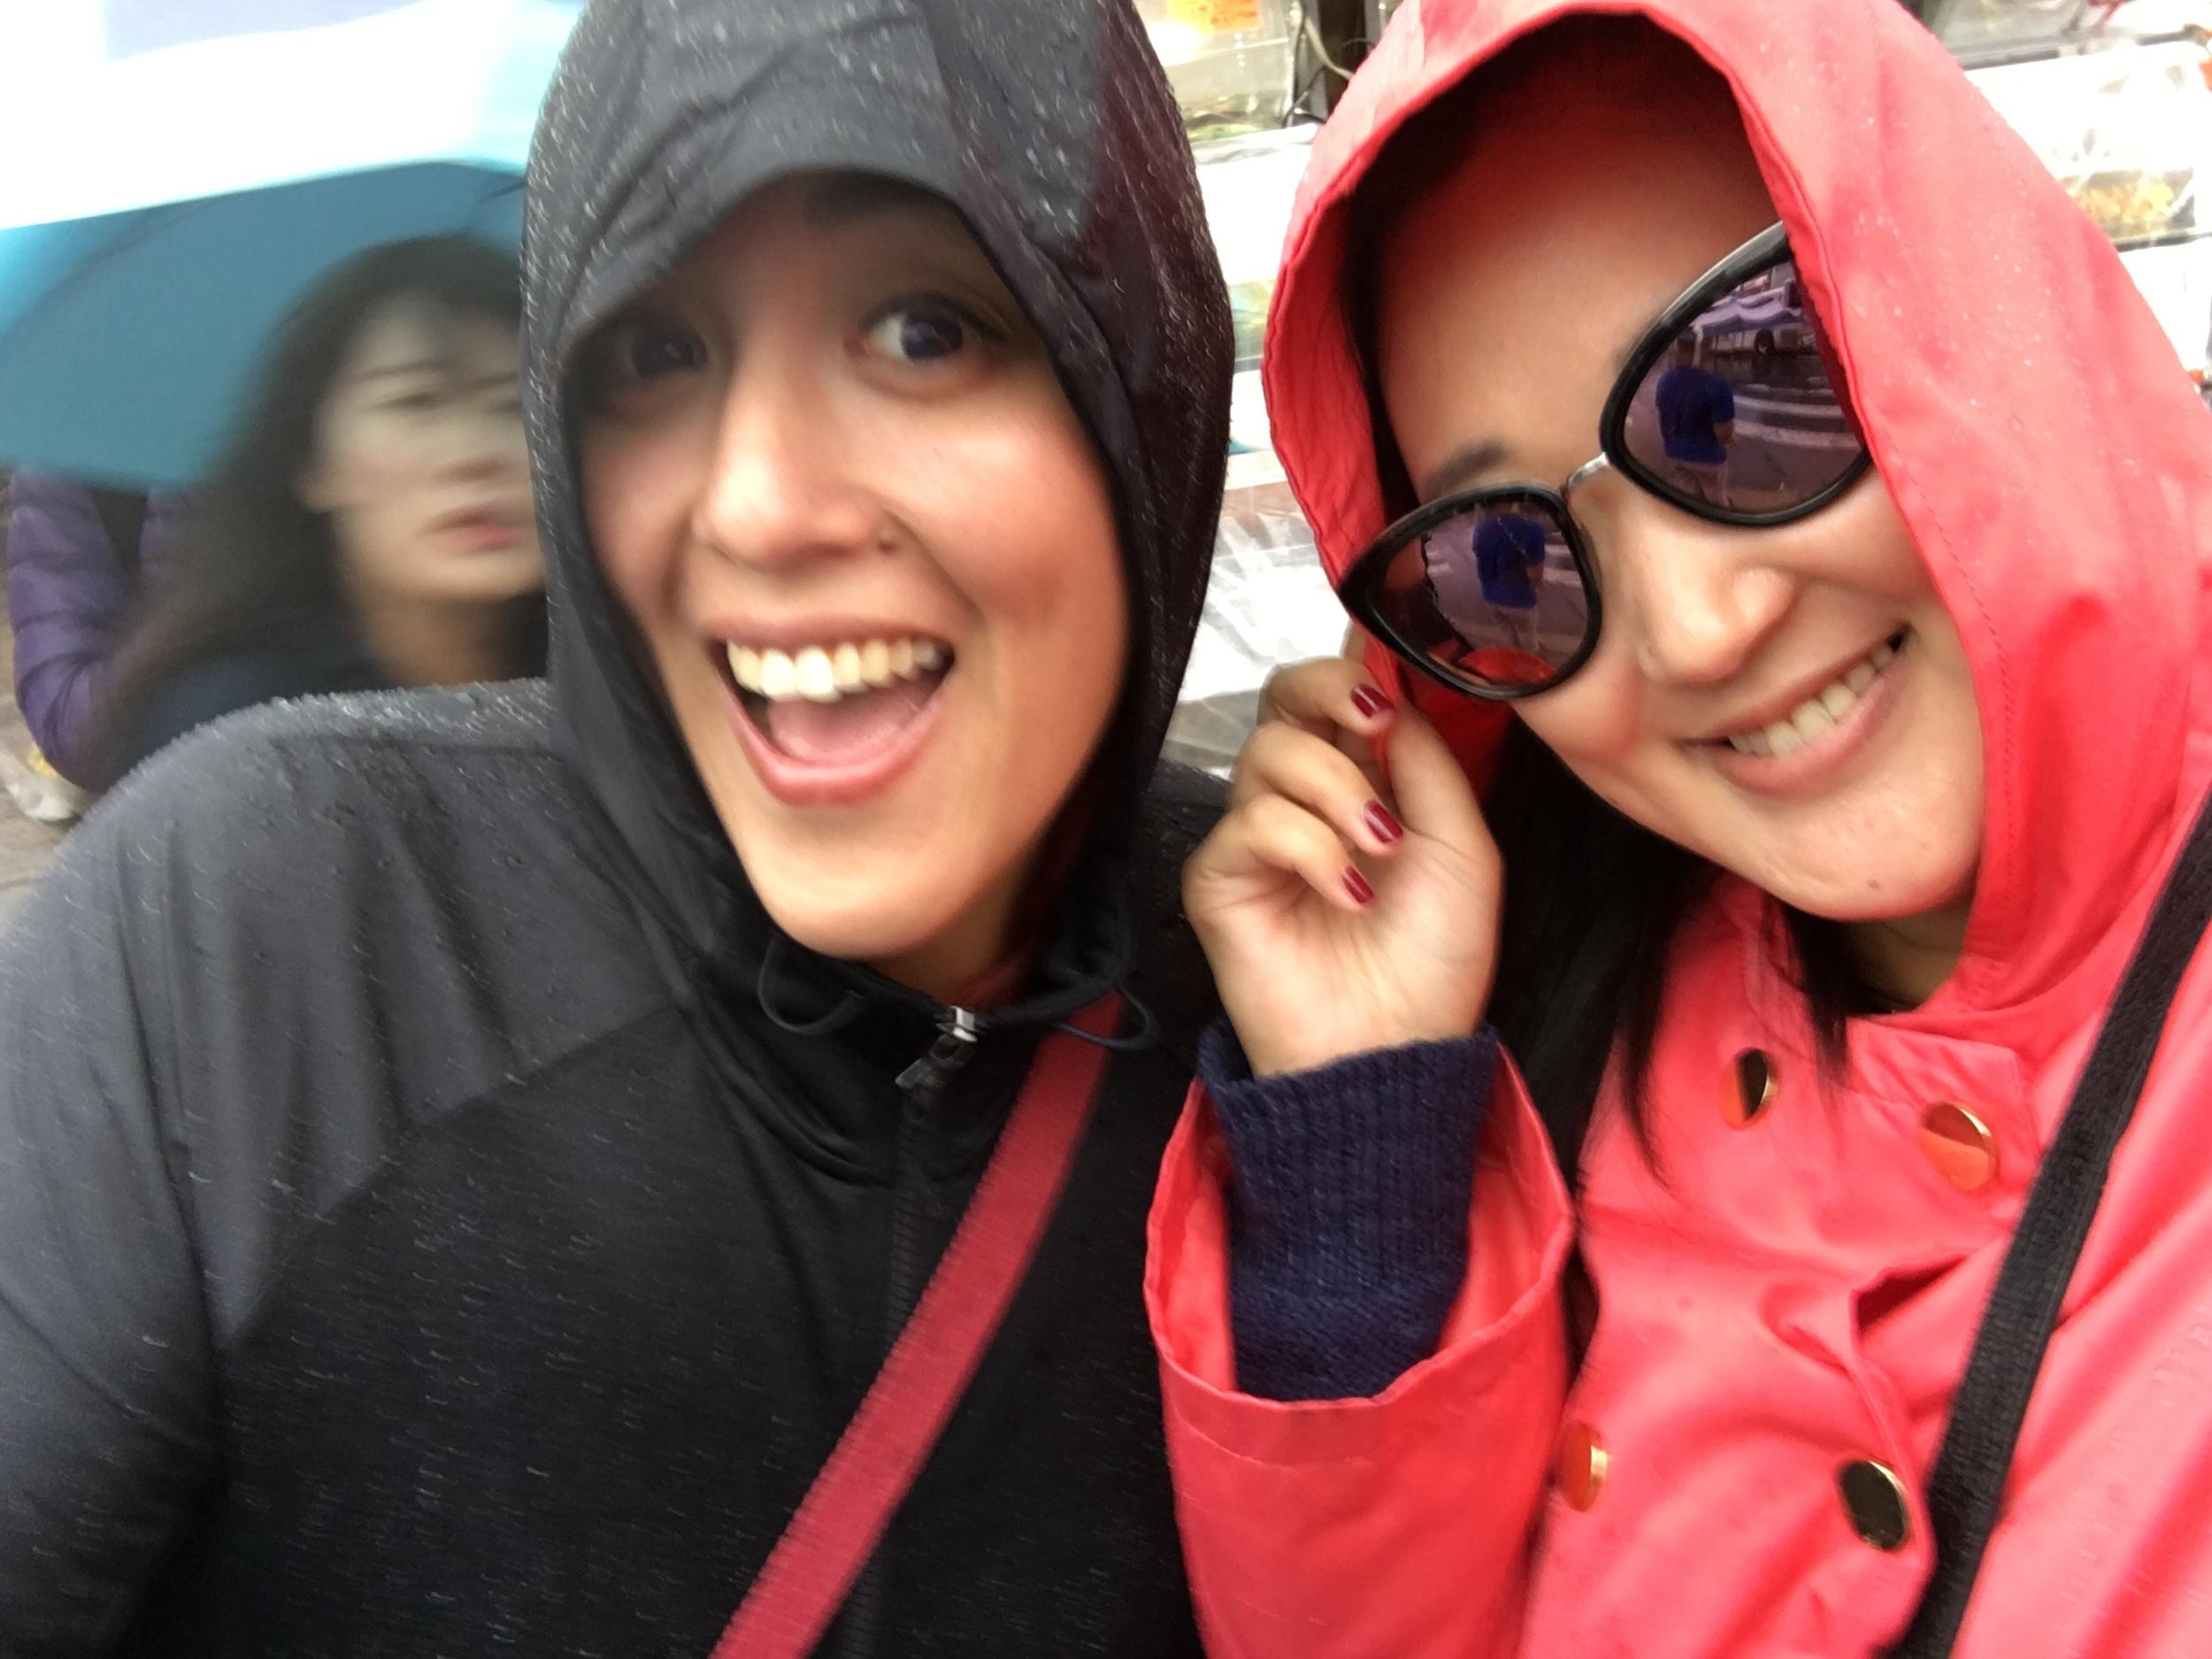 Rainy Day Smiles